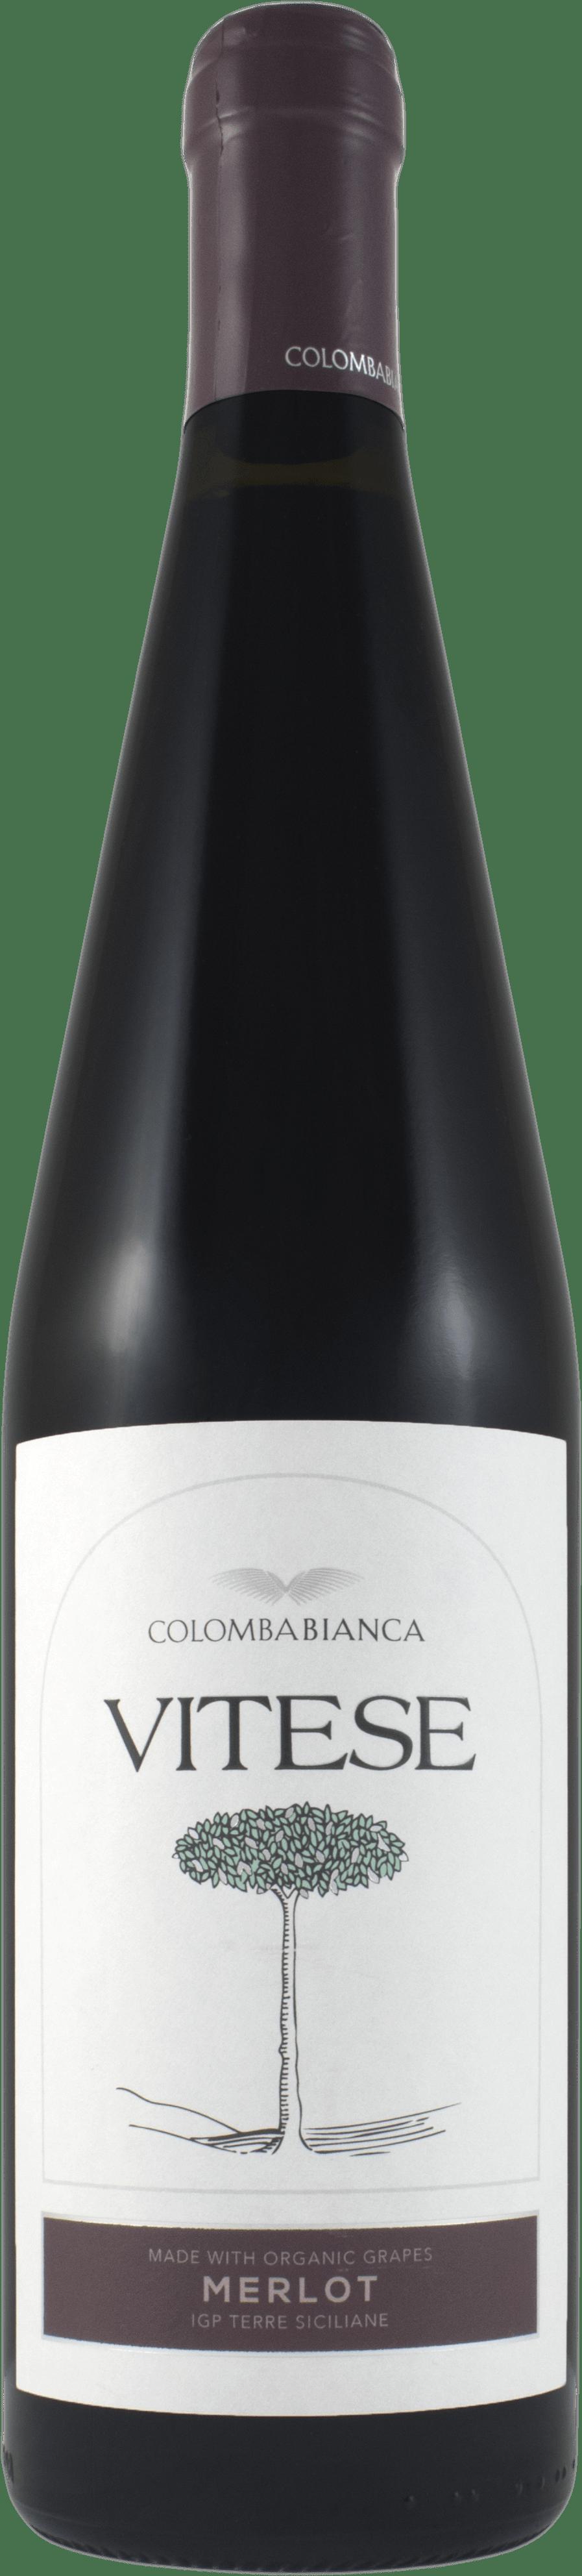 2017 Colomba Bianca Vitese Merlot